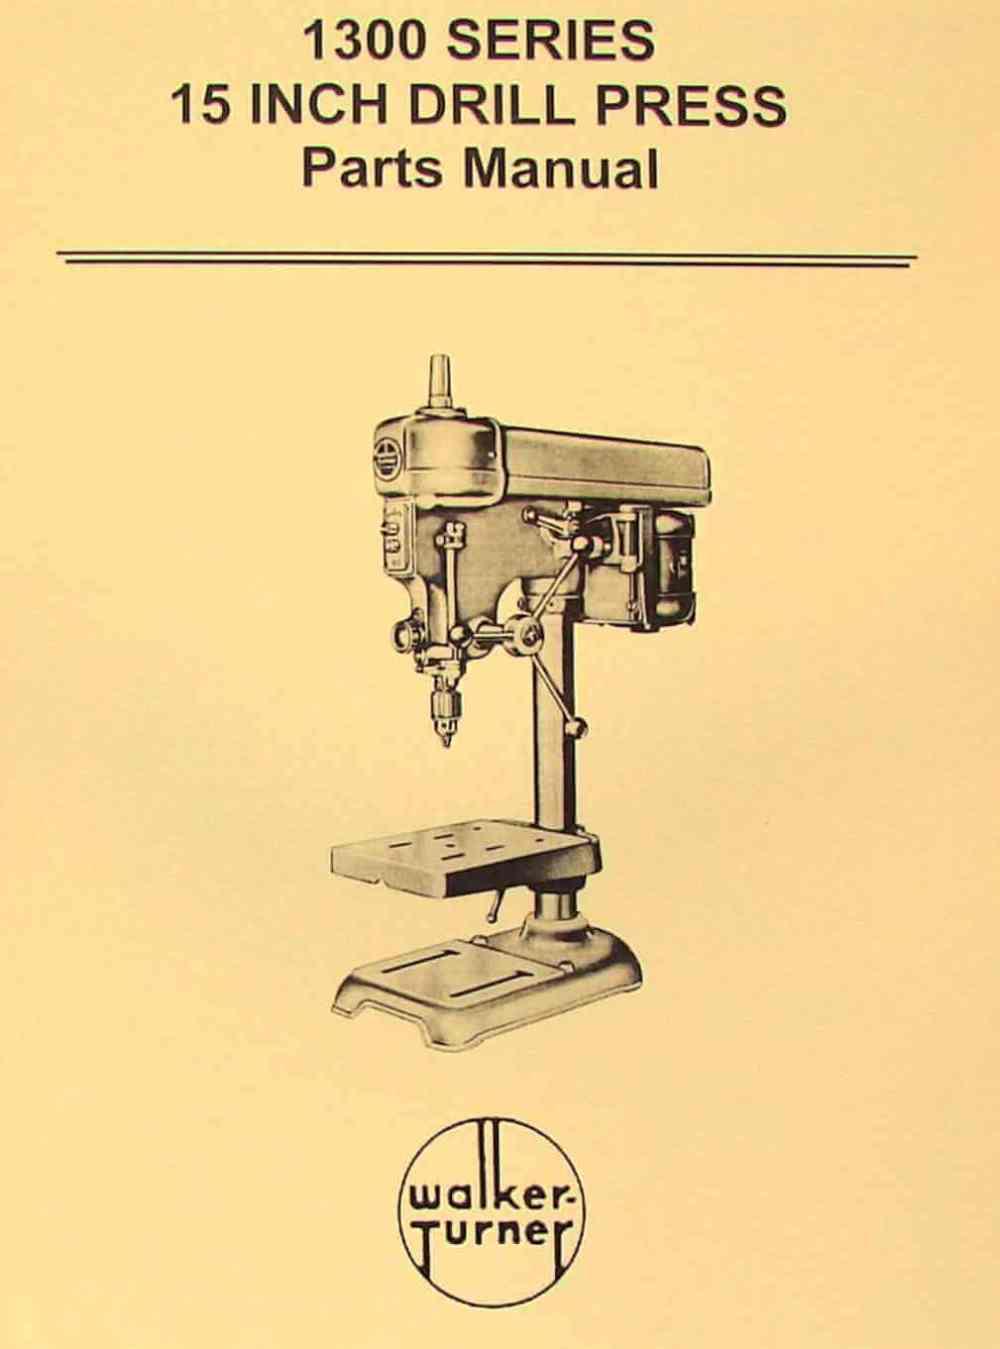 medium resolution of walker turner 1300 series 15 drill press parts manual